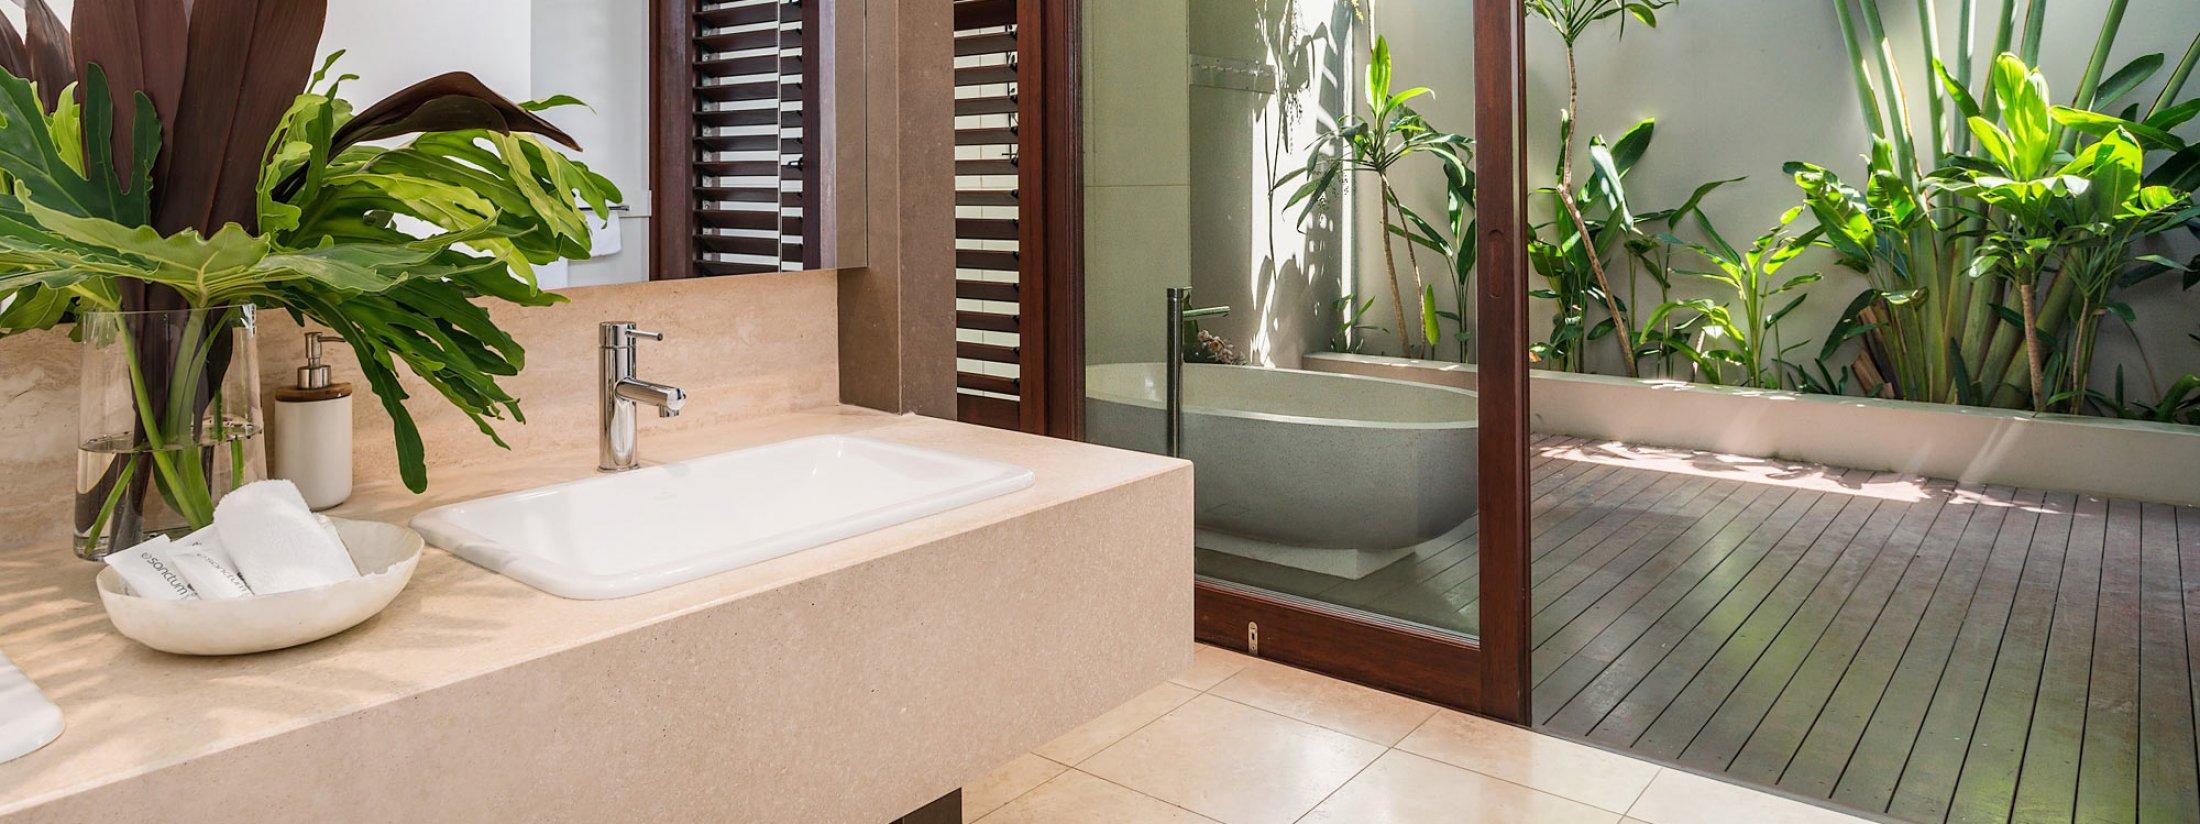 Pavilion 2 - Broken Head - Master Bedroom ensuite with outdoor bathtub